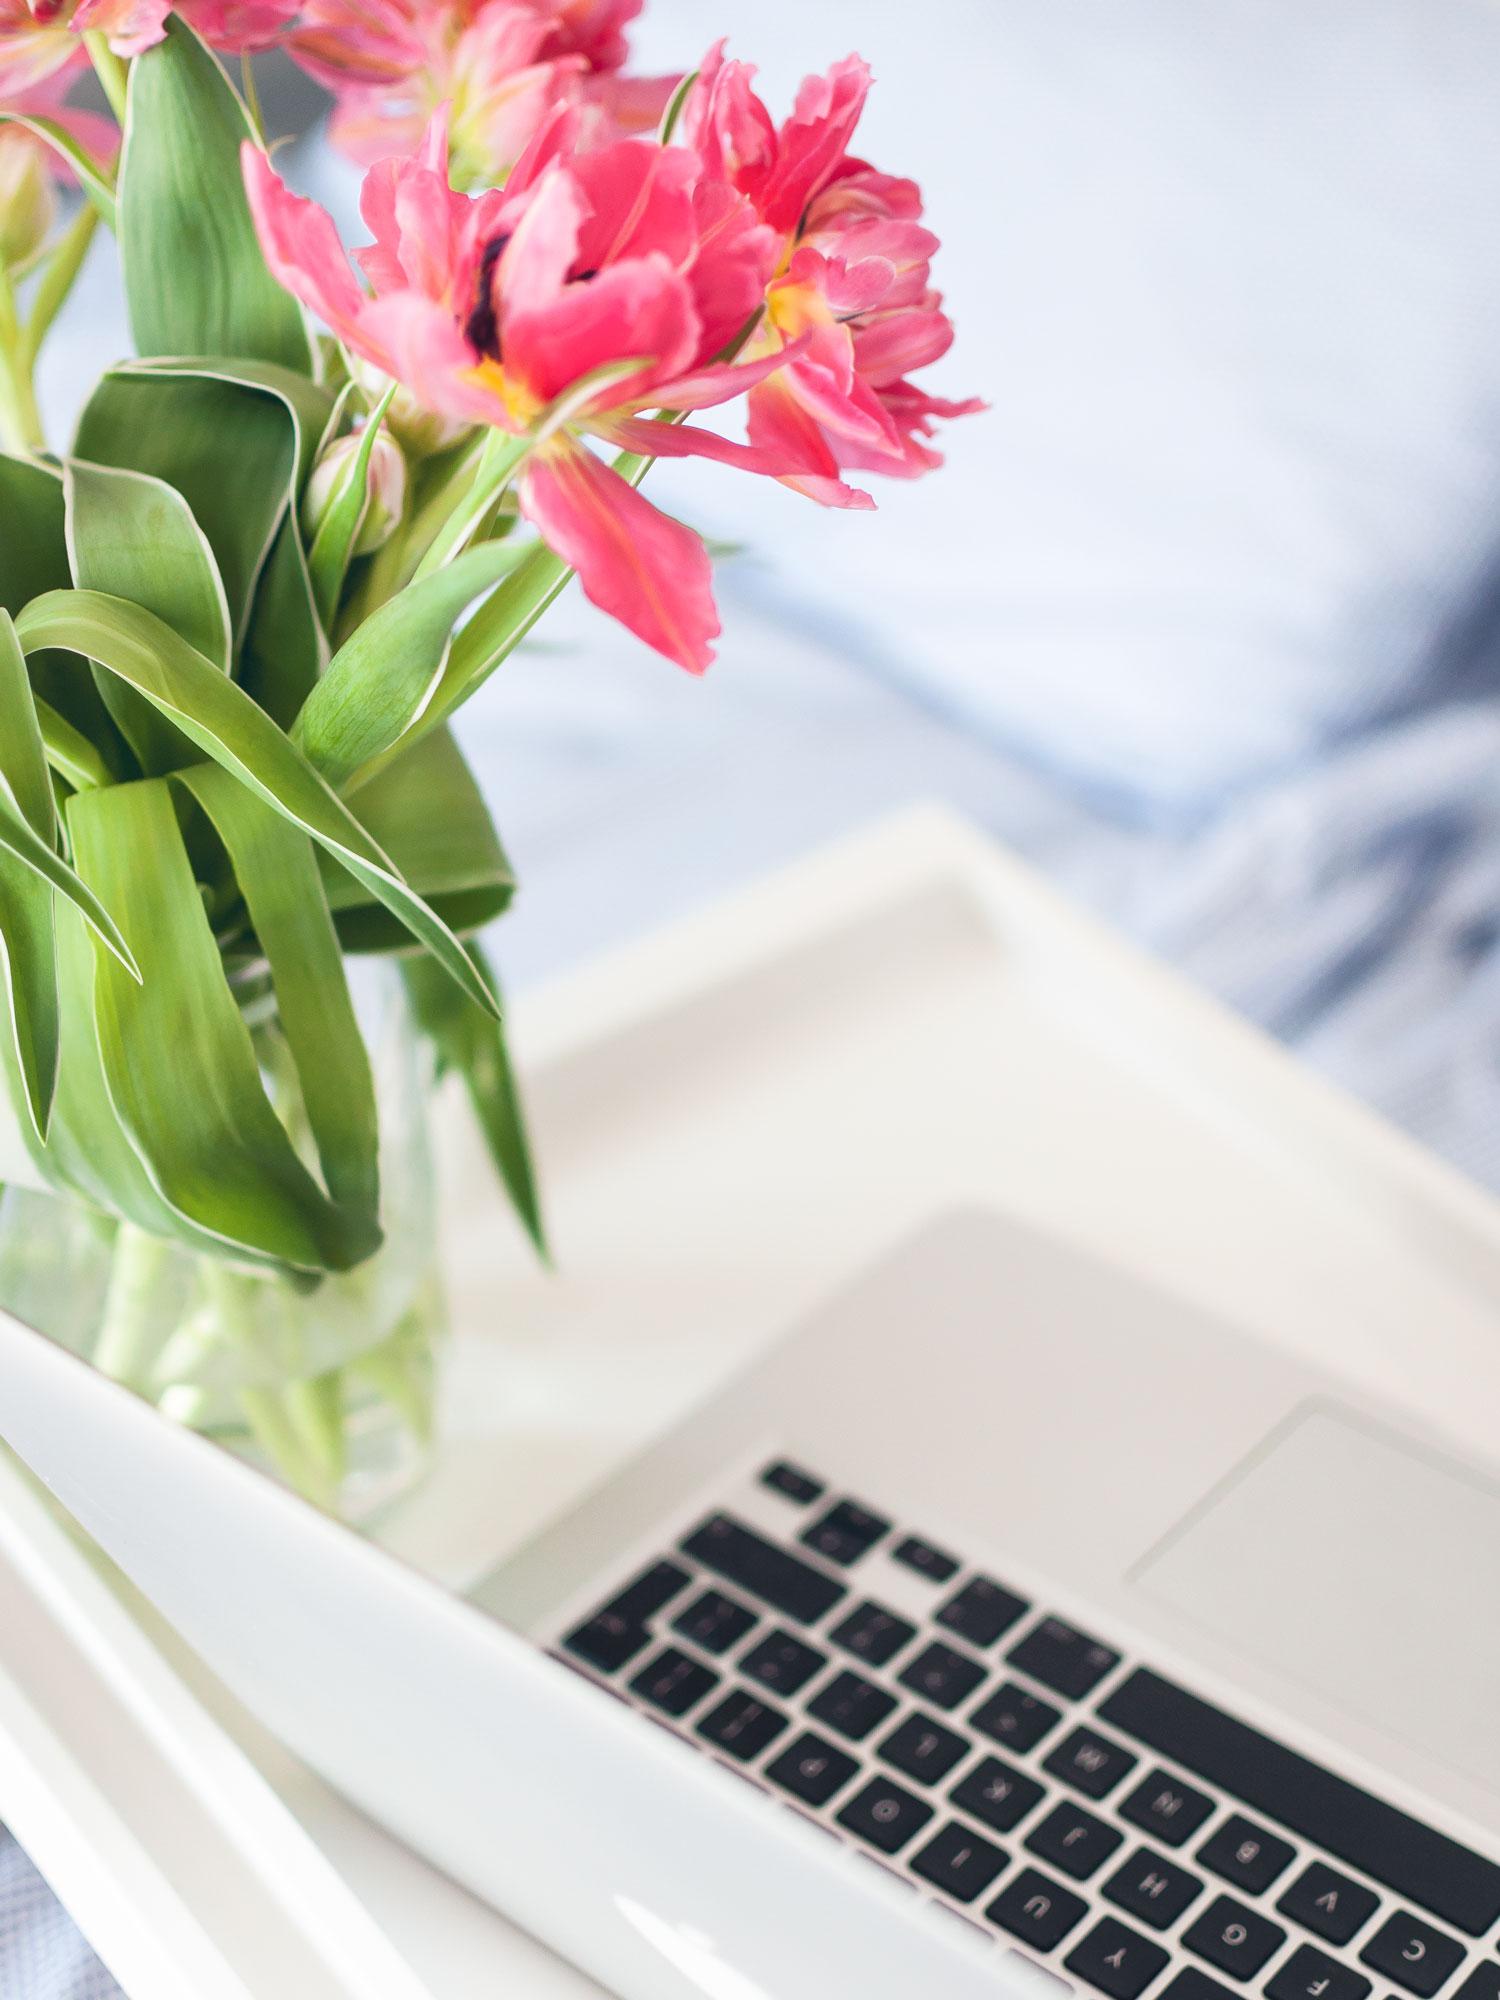 Home Office = Pyjamas All Day? So habe ich mir meine Büro Routine eingerichtet, um diszipliniert und produktiv zu bleiben. Mein Home Office Knigge: So bleibe ich produktiv und konzentriert, wenn ich zuhause arbeite. #HomeOffice #Organisation #Tipps #Produktivität #selbstständig #Konzentration #Disziplin